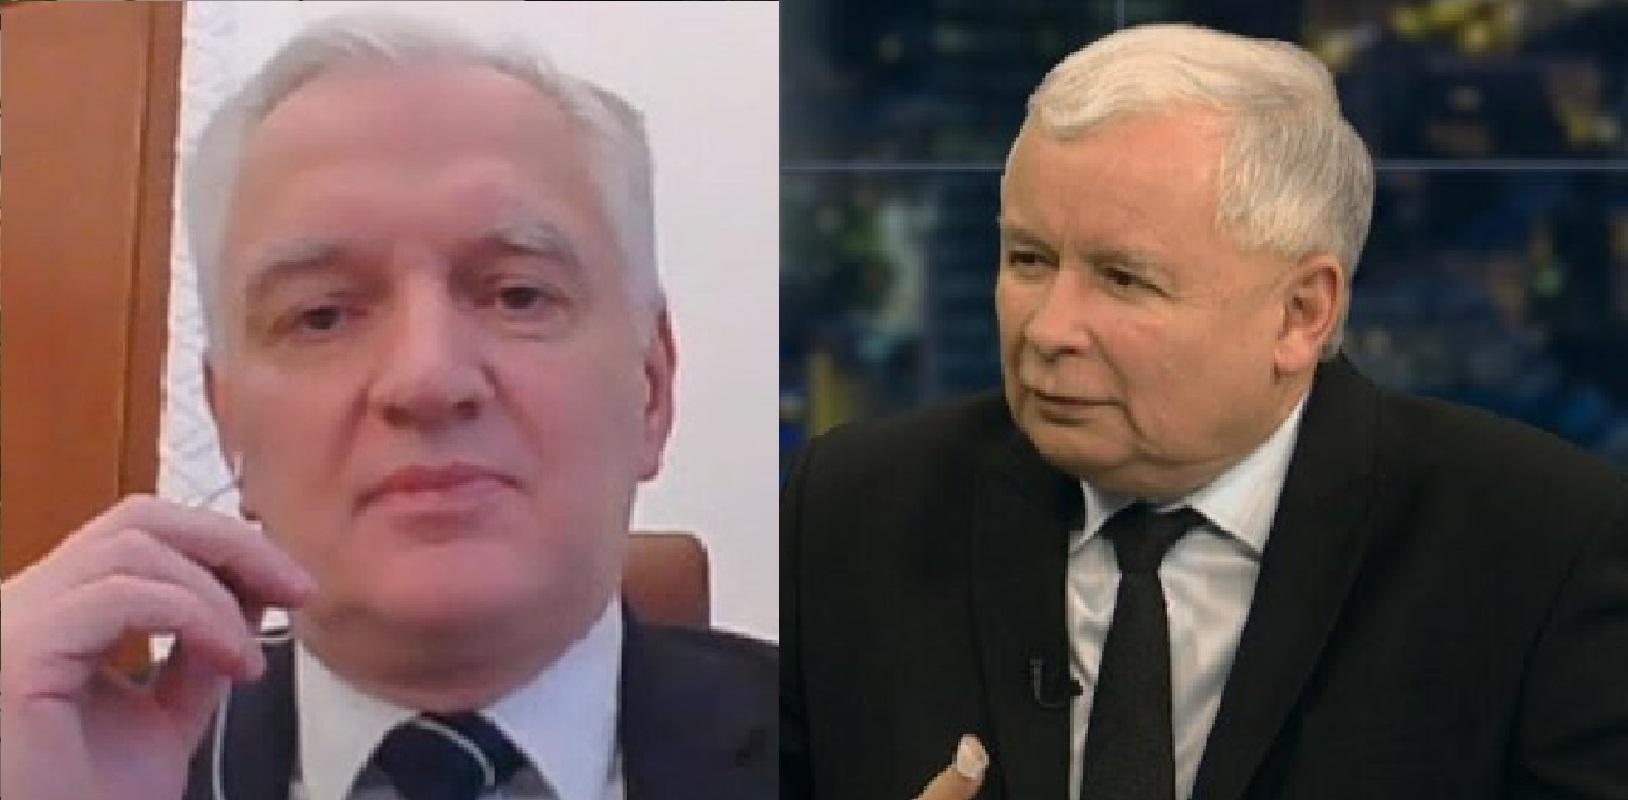 Jarosław Gowin grozi PiS, zapowiada wcześniejsze wybory i szantażem usiłuje przełożyć siły polityczne na swoja stronę. Sytuacja napięta.